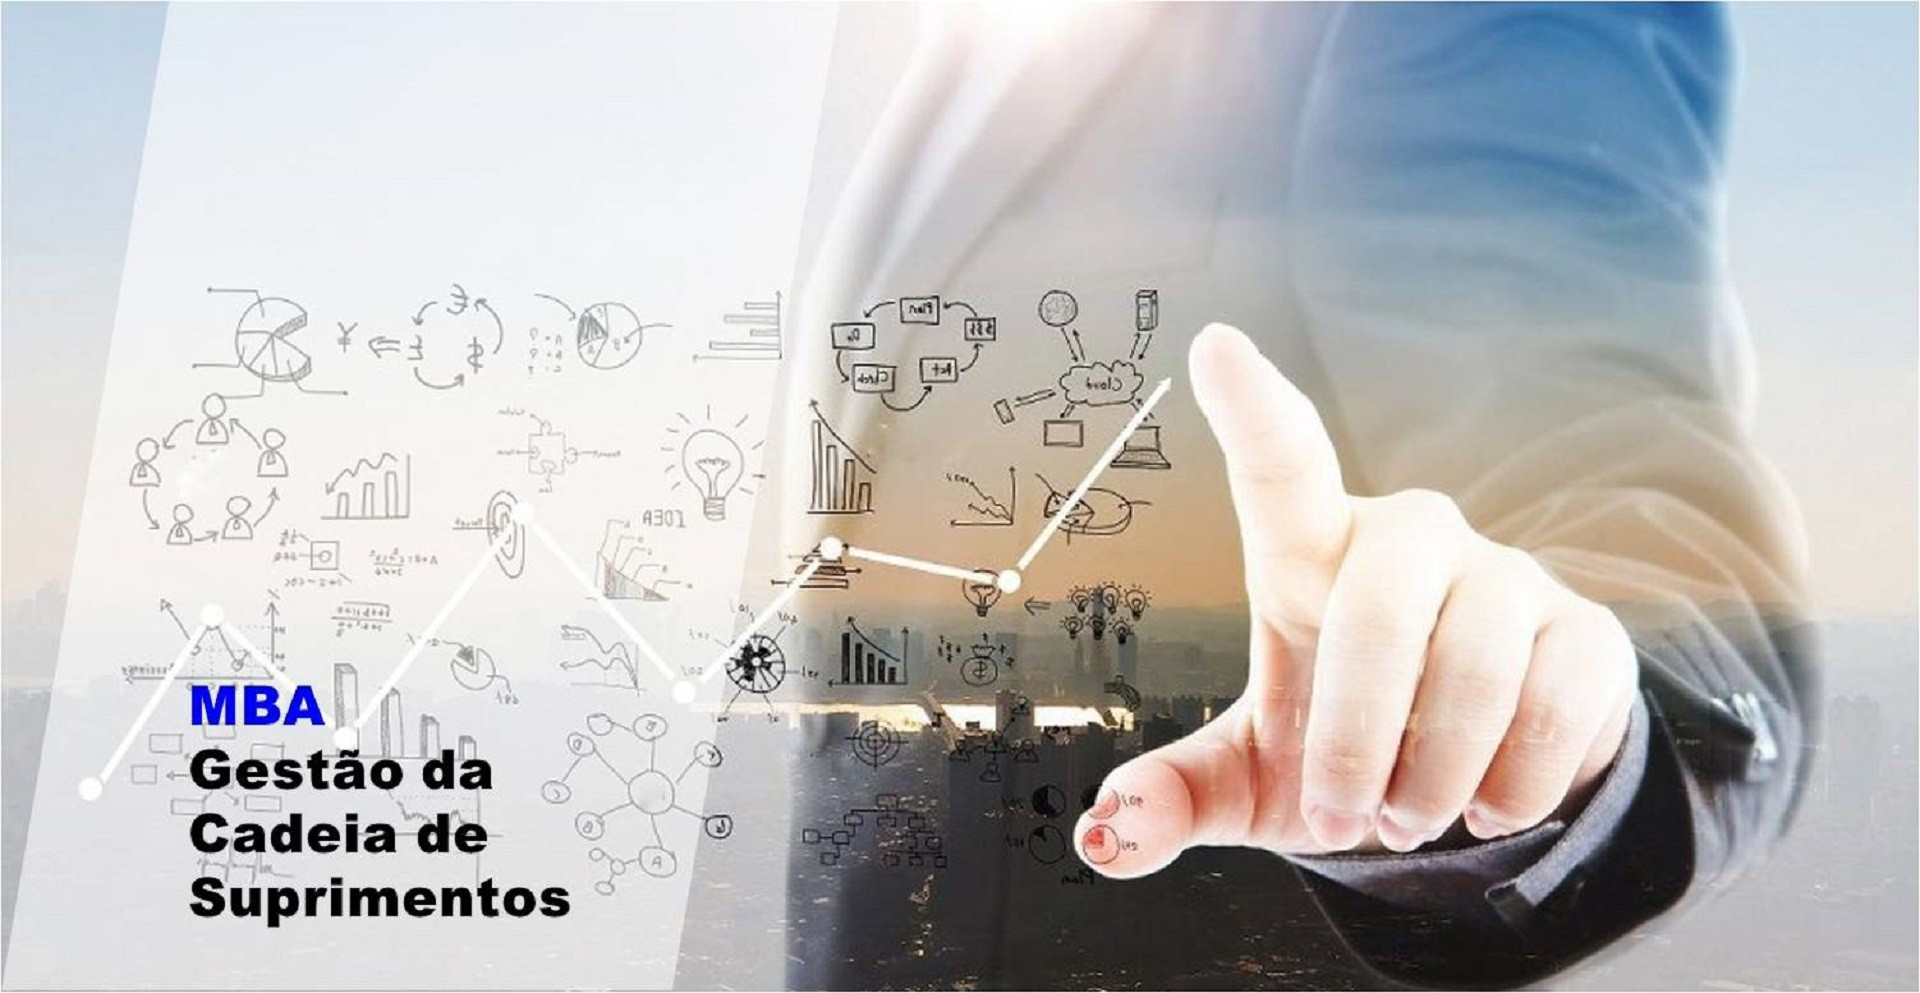 MBA-Gestão-da-Cadeia-de-Suprimentos-1